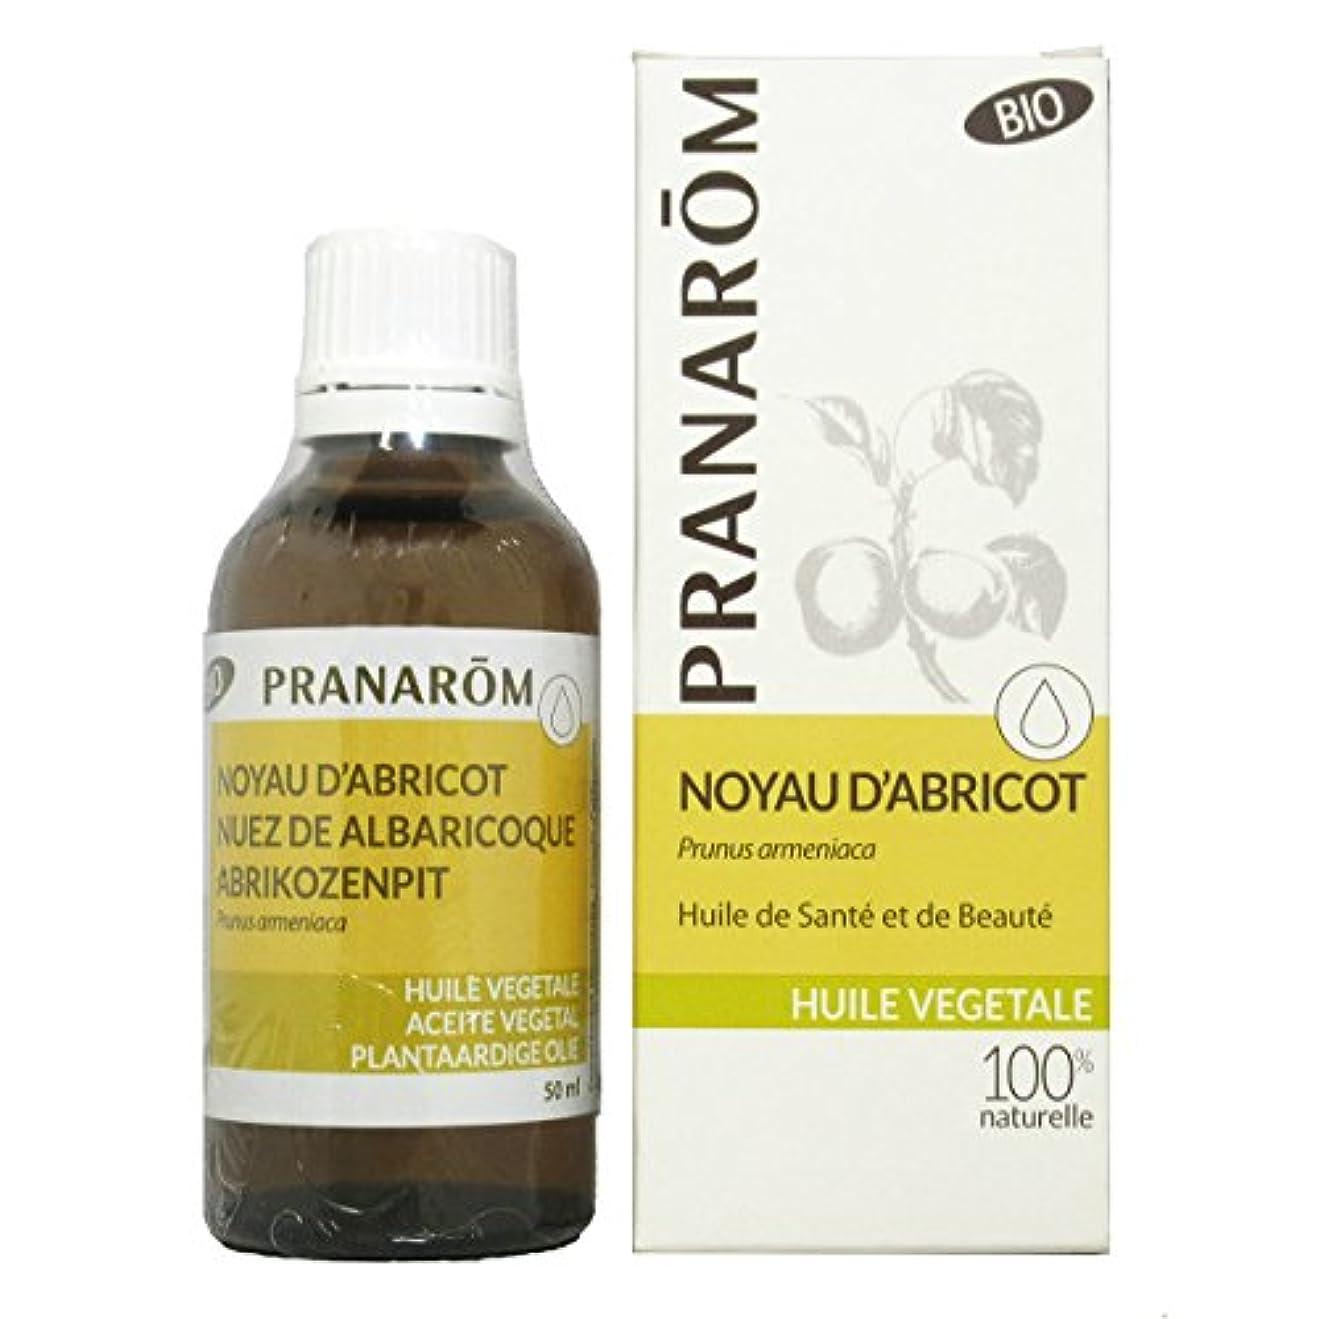 遅れ家禽不和プラナロム アプリコットオイル 50ml (PRANAROM 植物油)